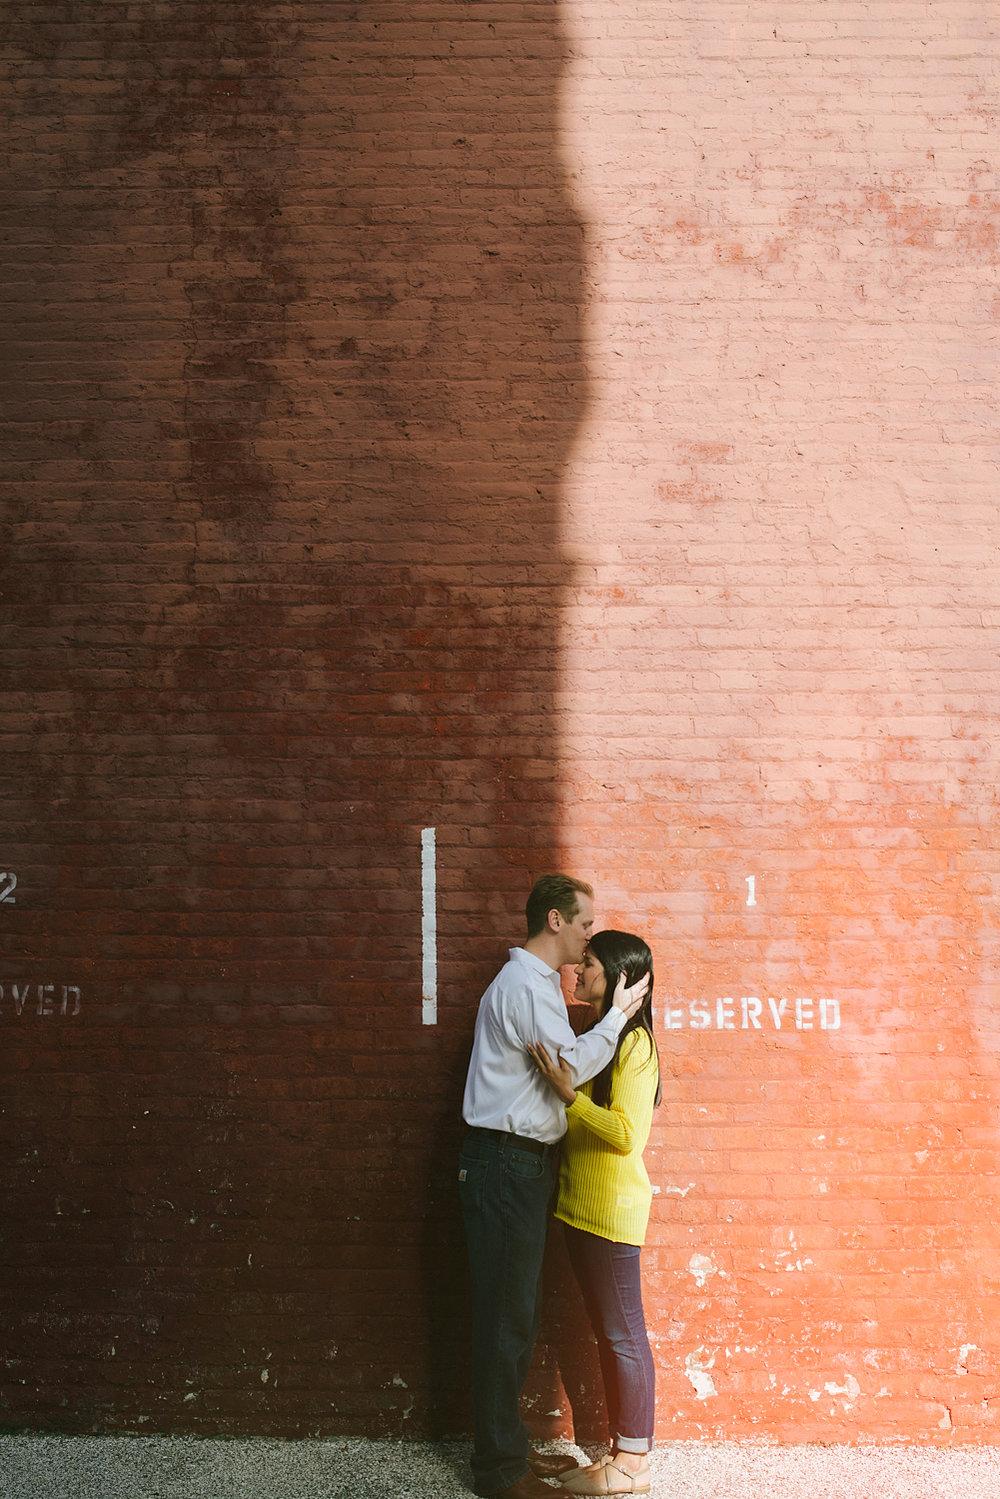 engagementsession-jackieandrobert-winterwedding-christmaswedding-love-wedding-weddings-houstonweddings-houstonengagments-texasweddings-1.jpg